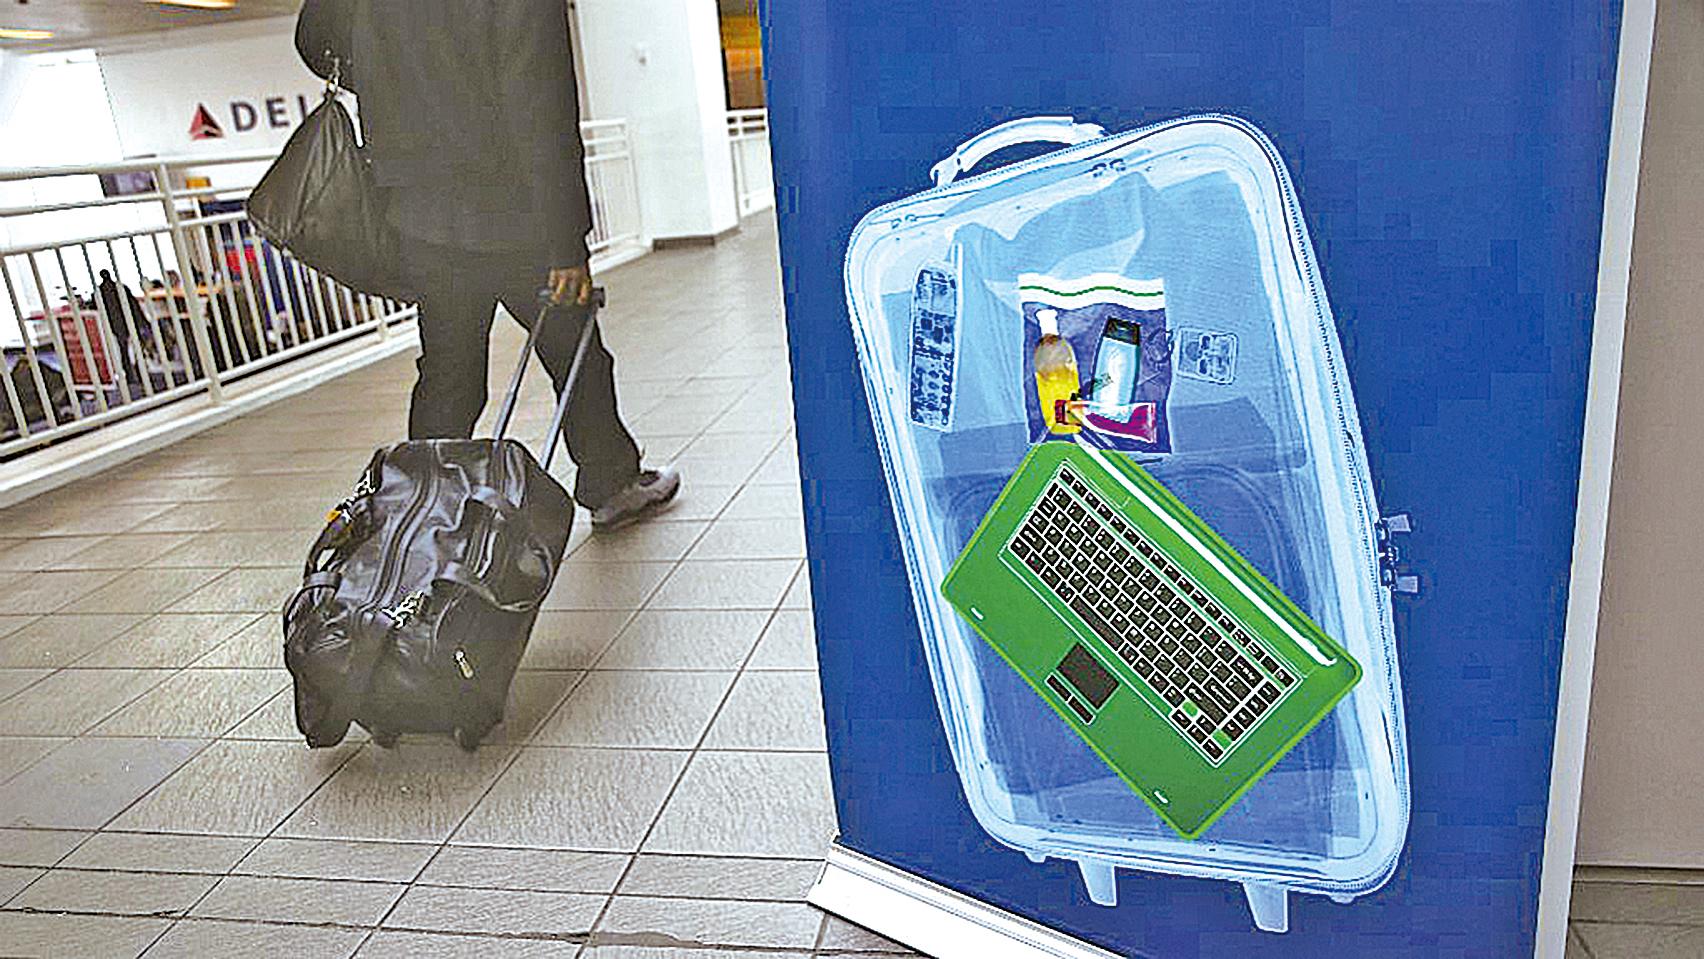 手提電腦等電子產品都需要放入托運行李中。(Getty Images)